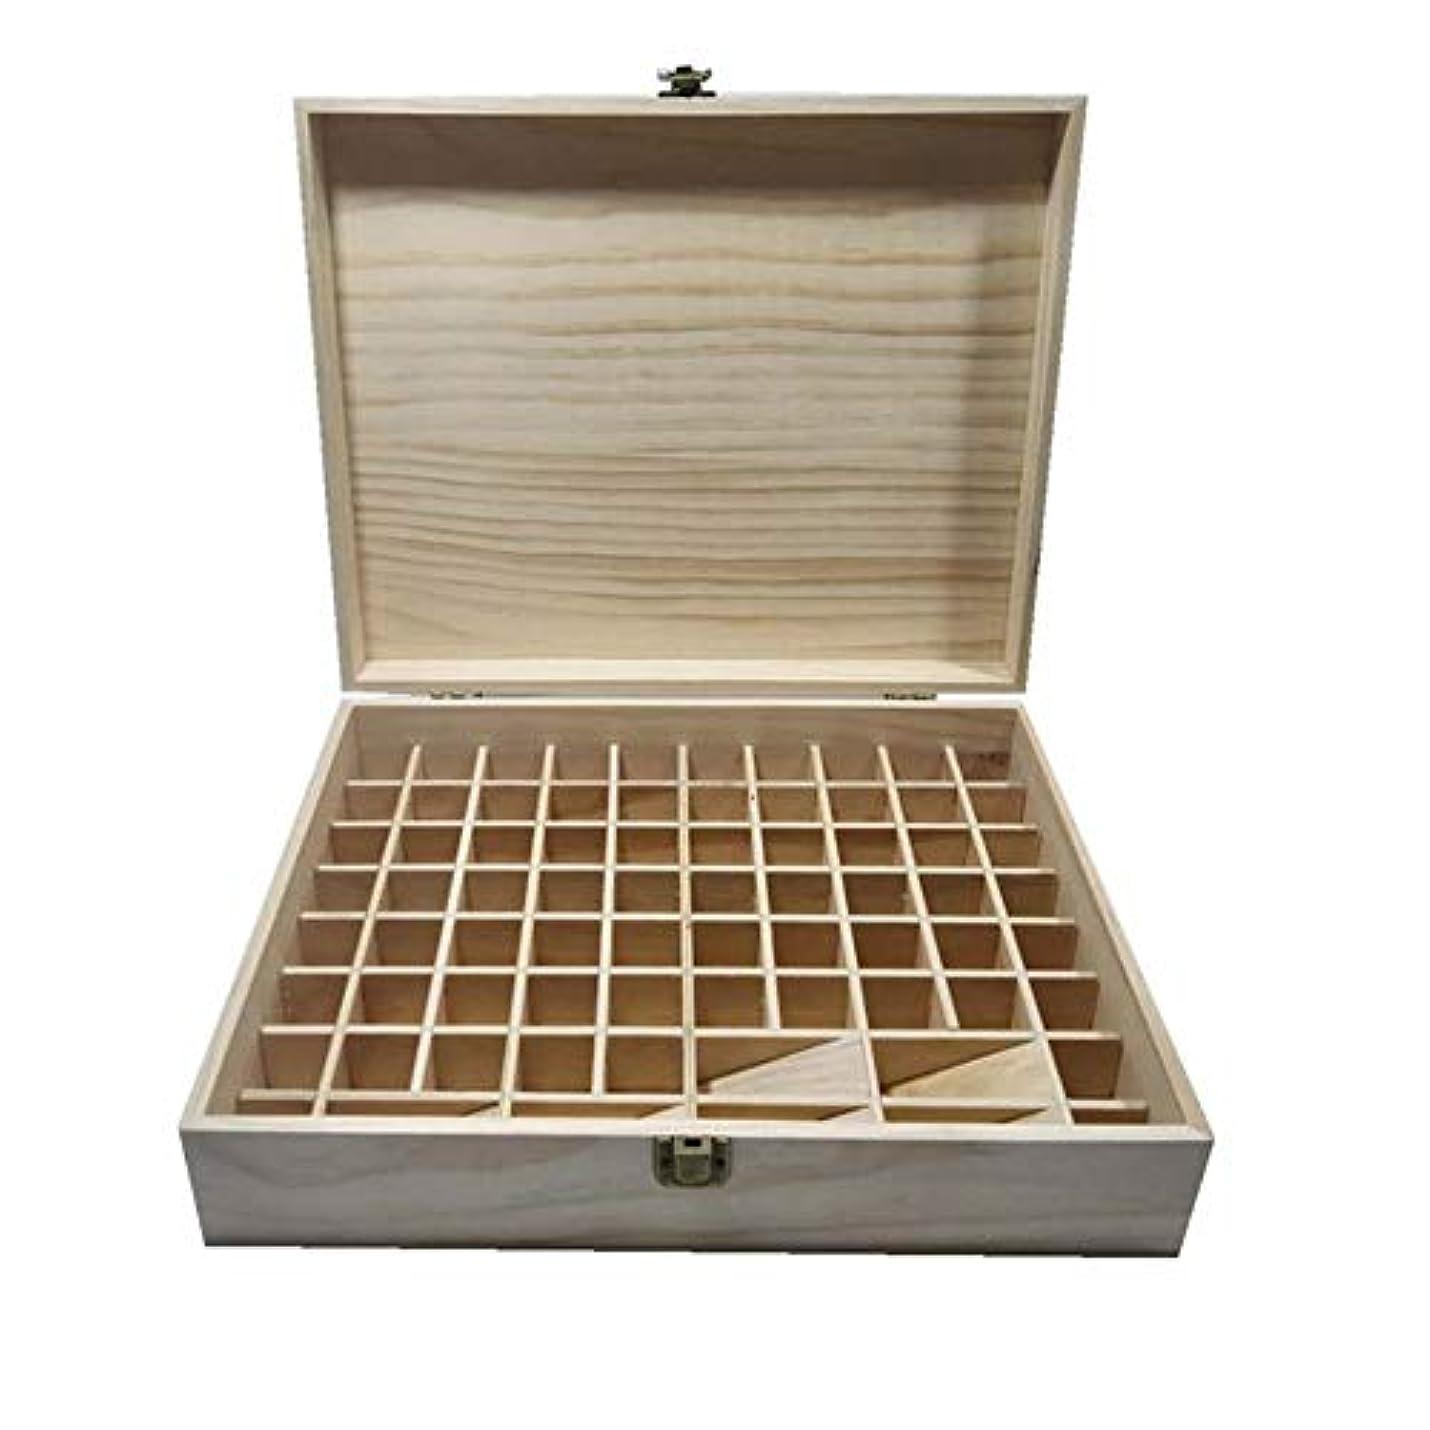 苦行賞賛するサーキュレーションエッセンシャルオイルストレージボックス 74スロットエッセンシャルオイルボックス木製収納ケースは、ボトル用エッセンシャルオイルスペースセーバーを開催します 旅行およびプレゼンテーション用 (色 : Natural, サイズ...